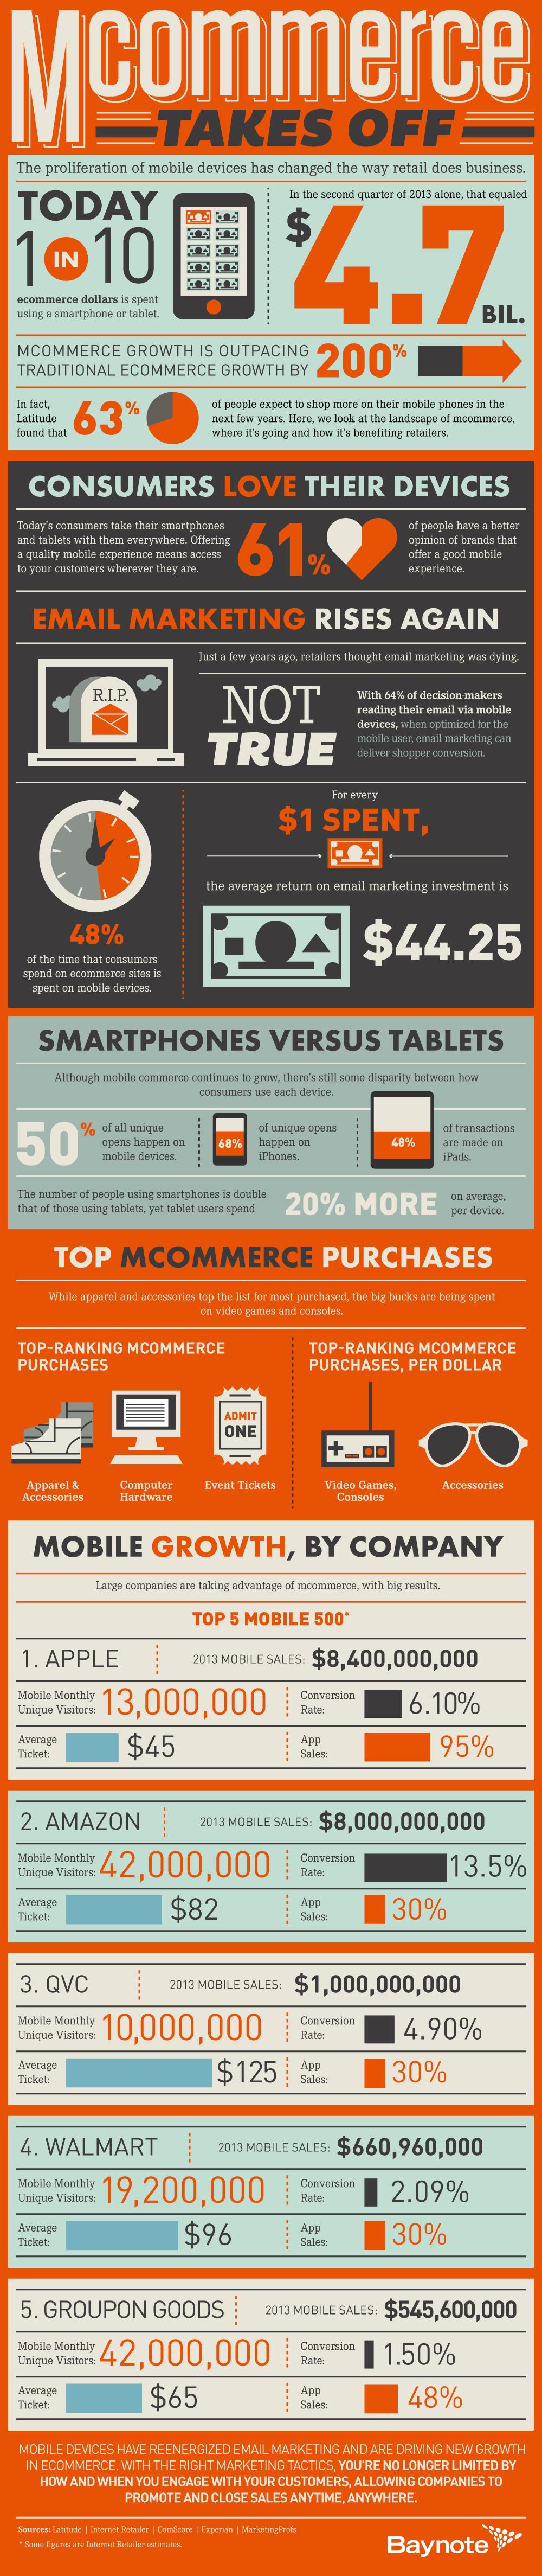 mCommerce_Infographic